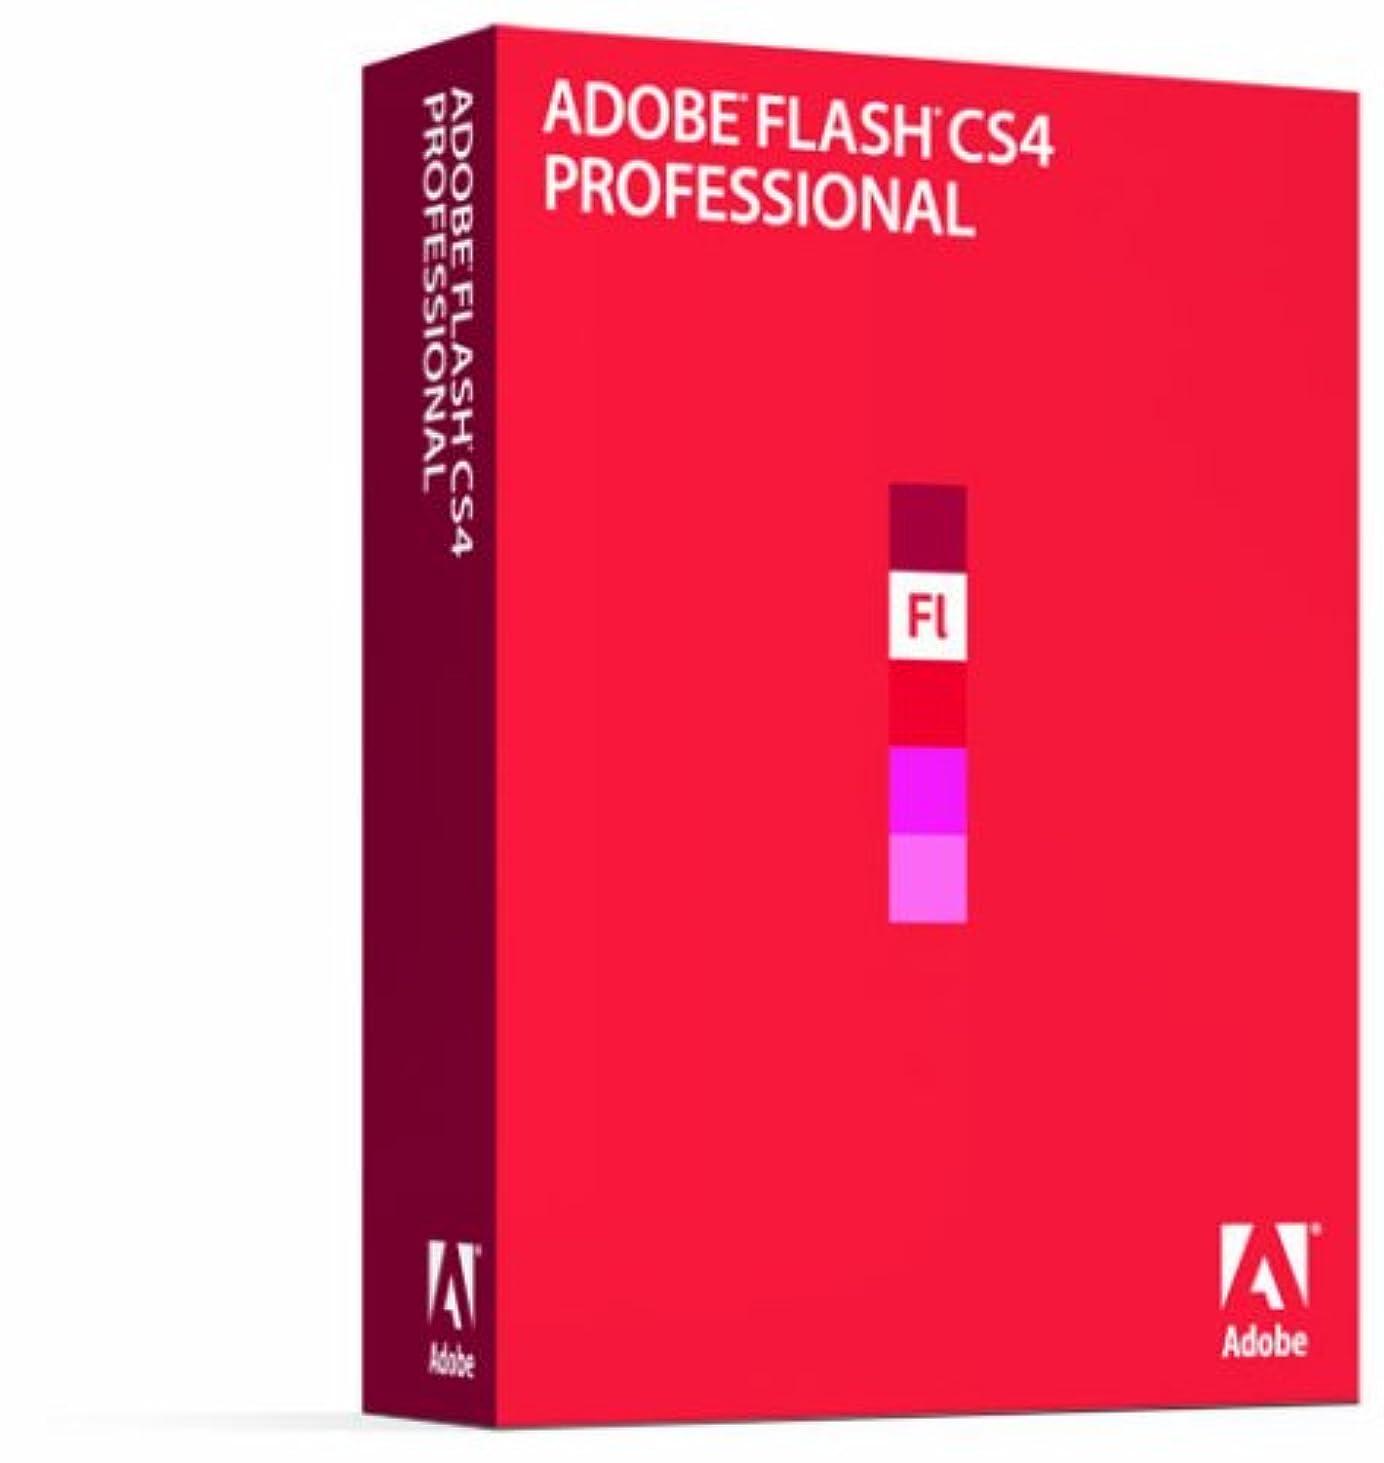 歴史家コンパニオン睡眠Adobe Flash CS4 Professional (V10.0) 日本語版 Windows版 (旧製品)